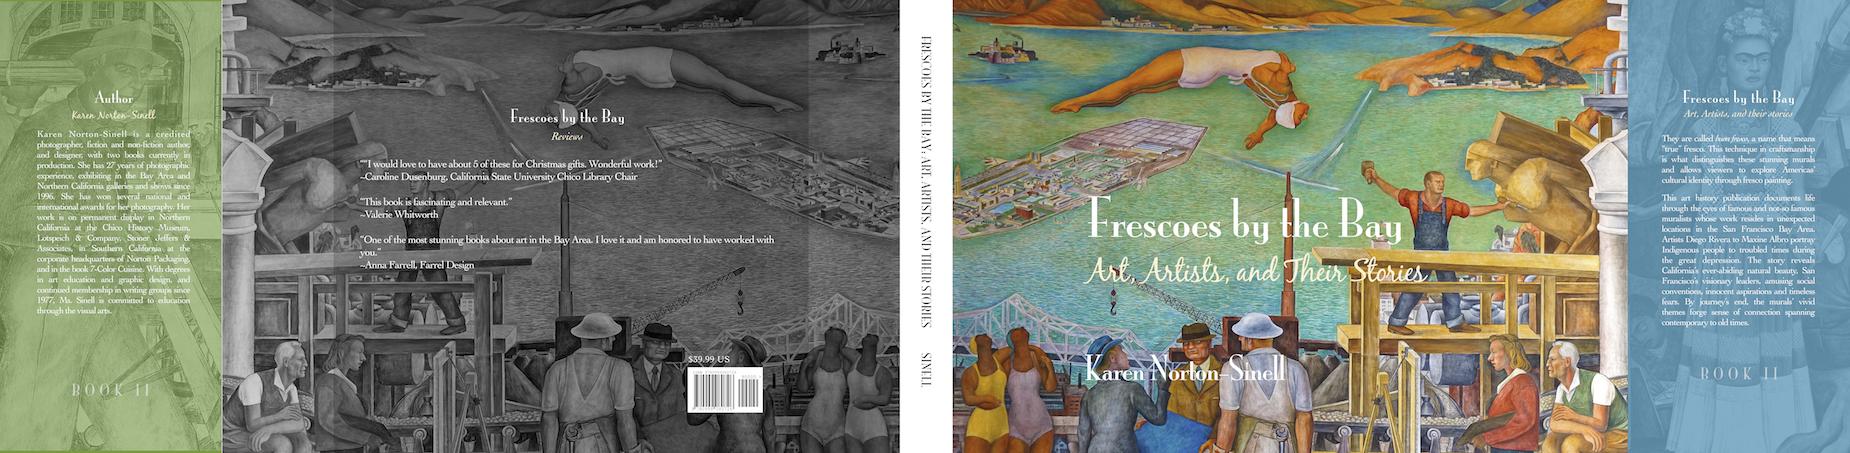 Frescoes - Hardcover - Book II - FINAL HCOVER - 10 12 17.jpg